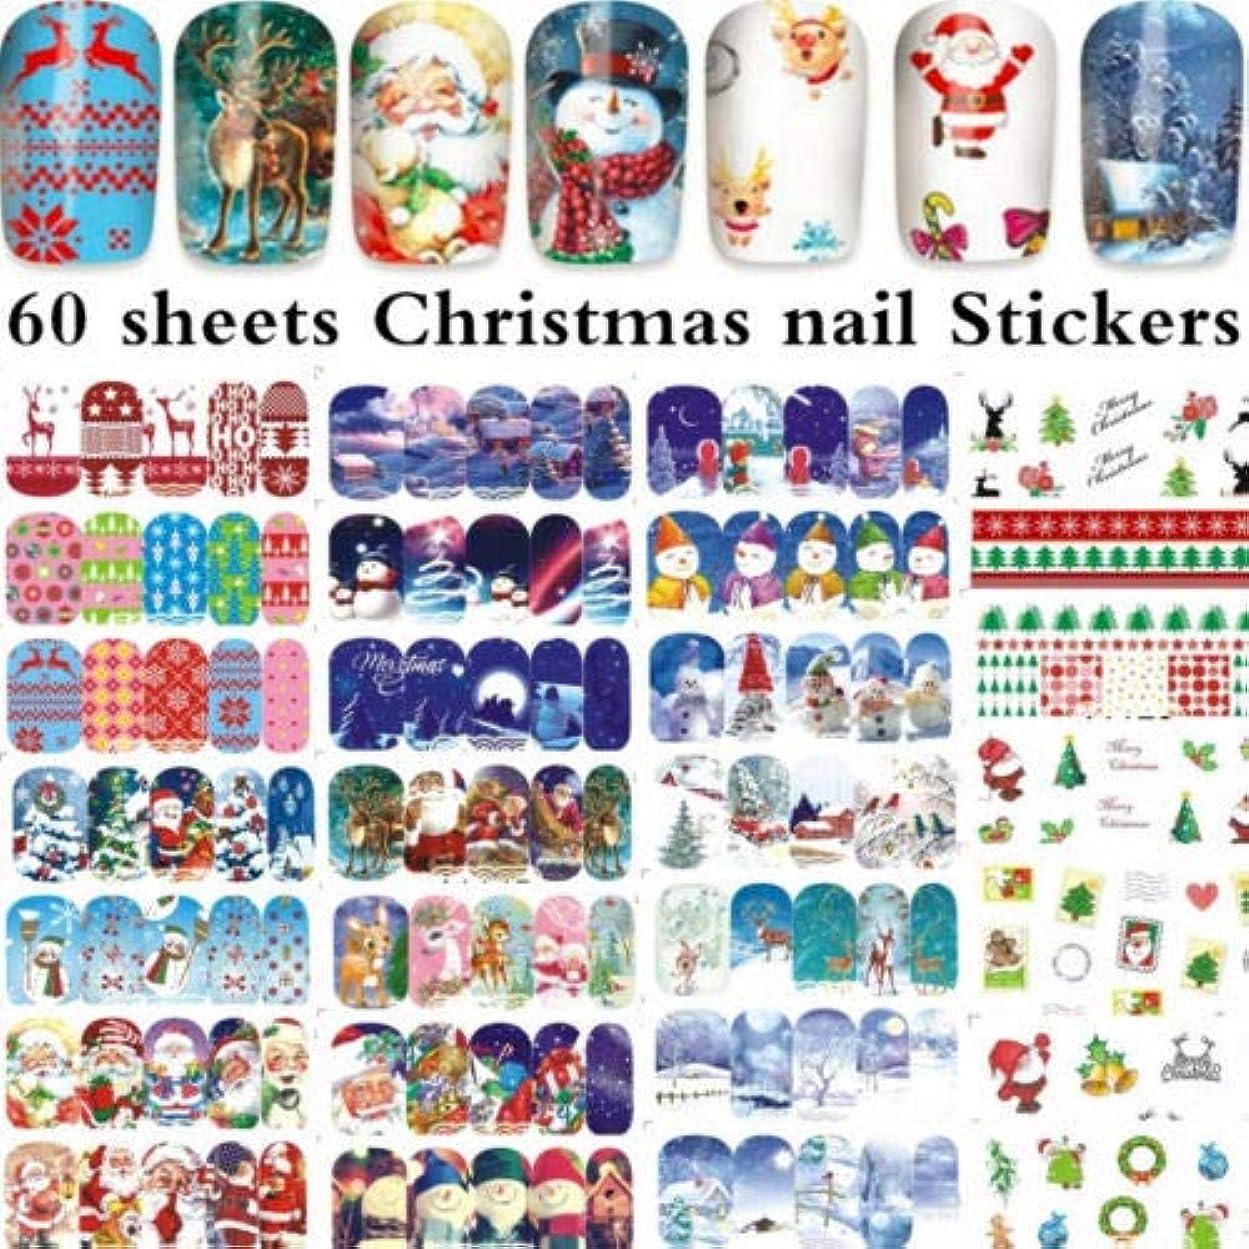 不利引き算スイングFidgetGear 60枚のクリスマスサンタクロースネイルアート水転写ステッカーのヒントA1129-88#